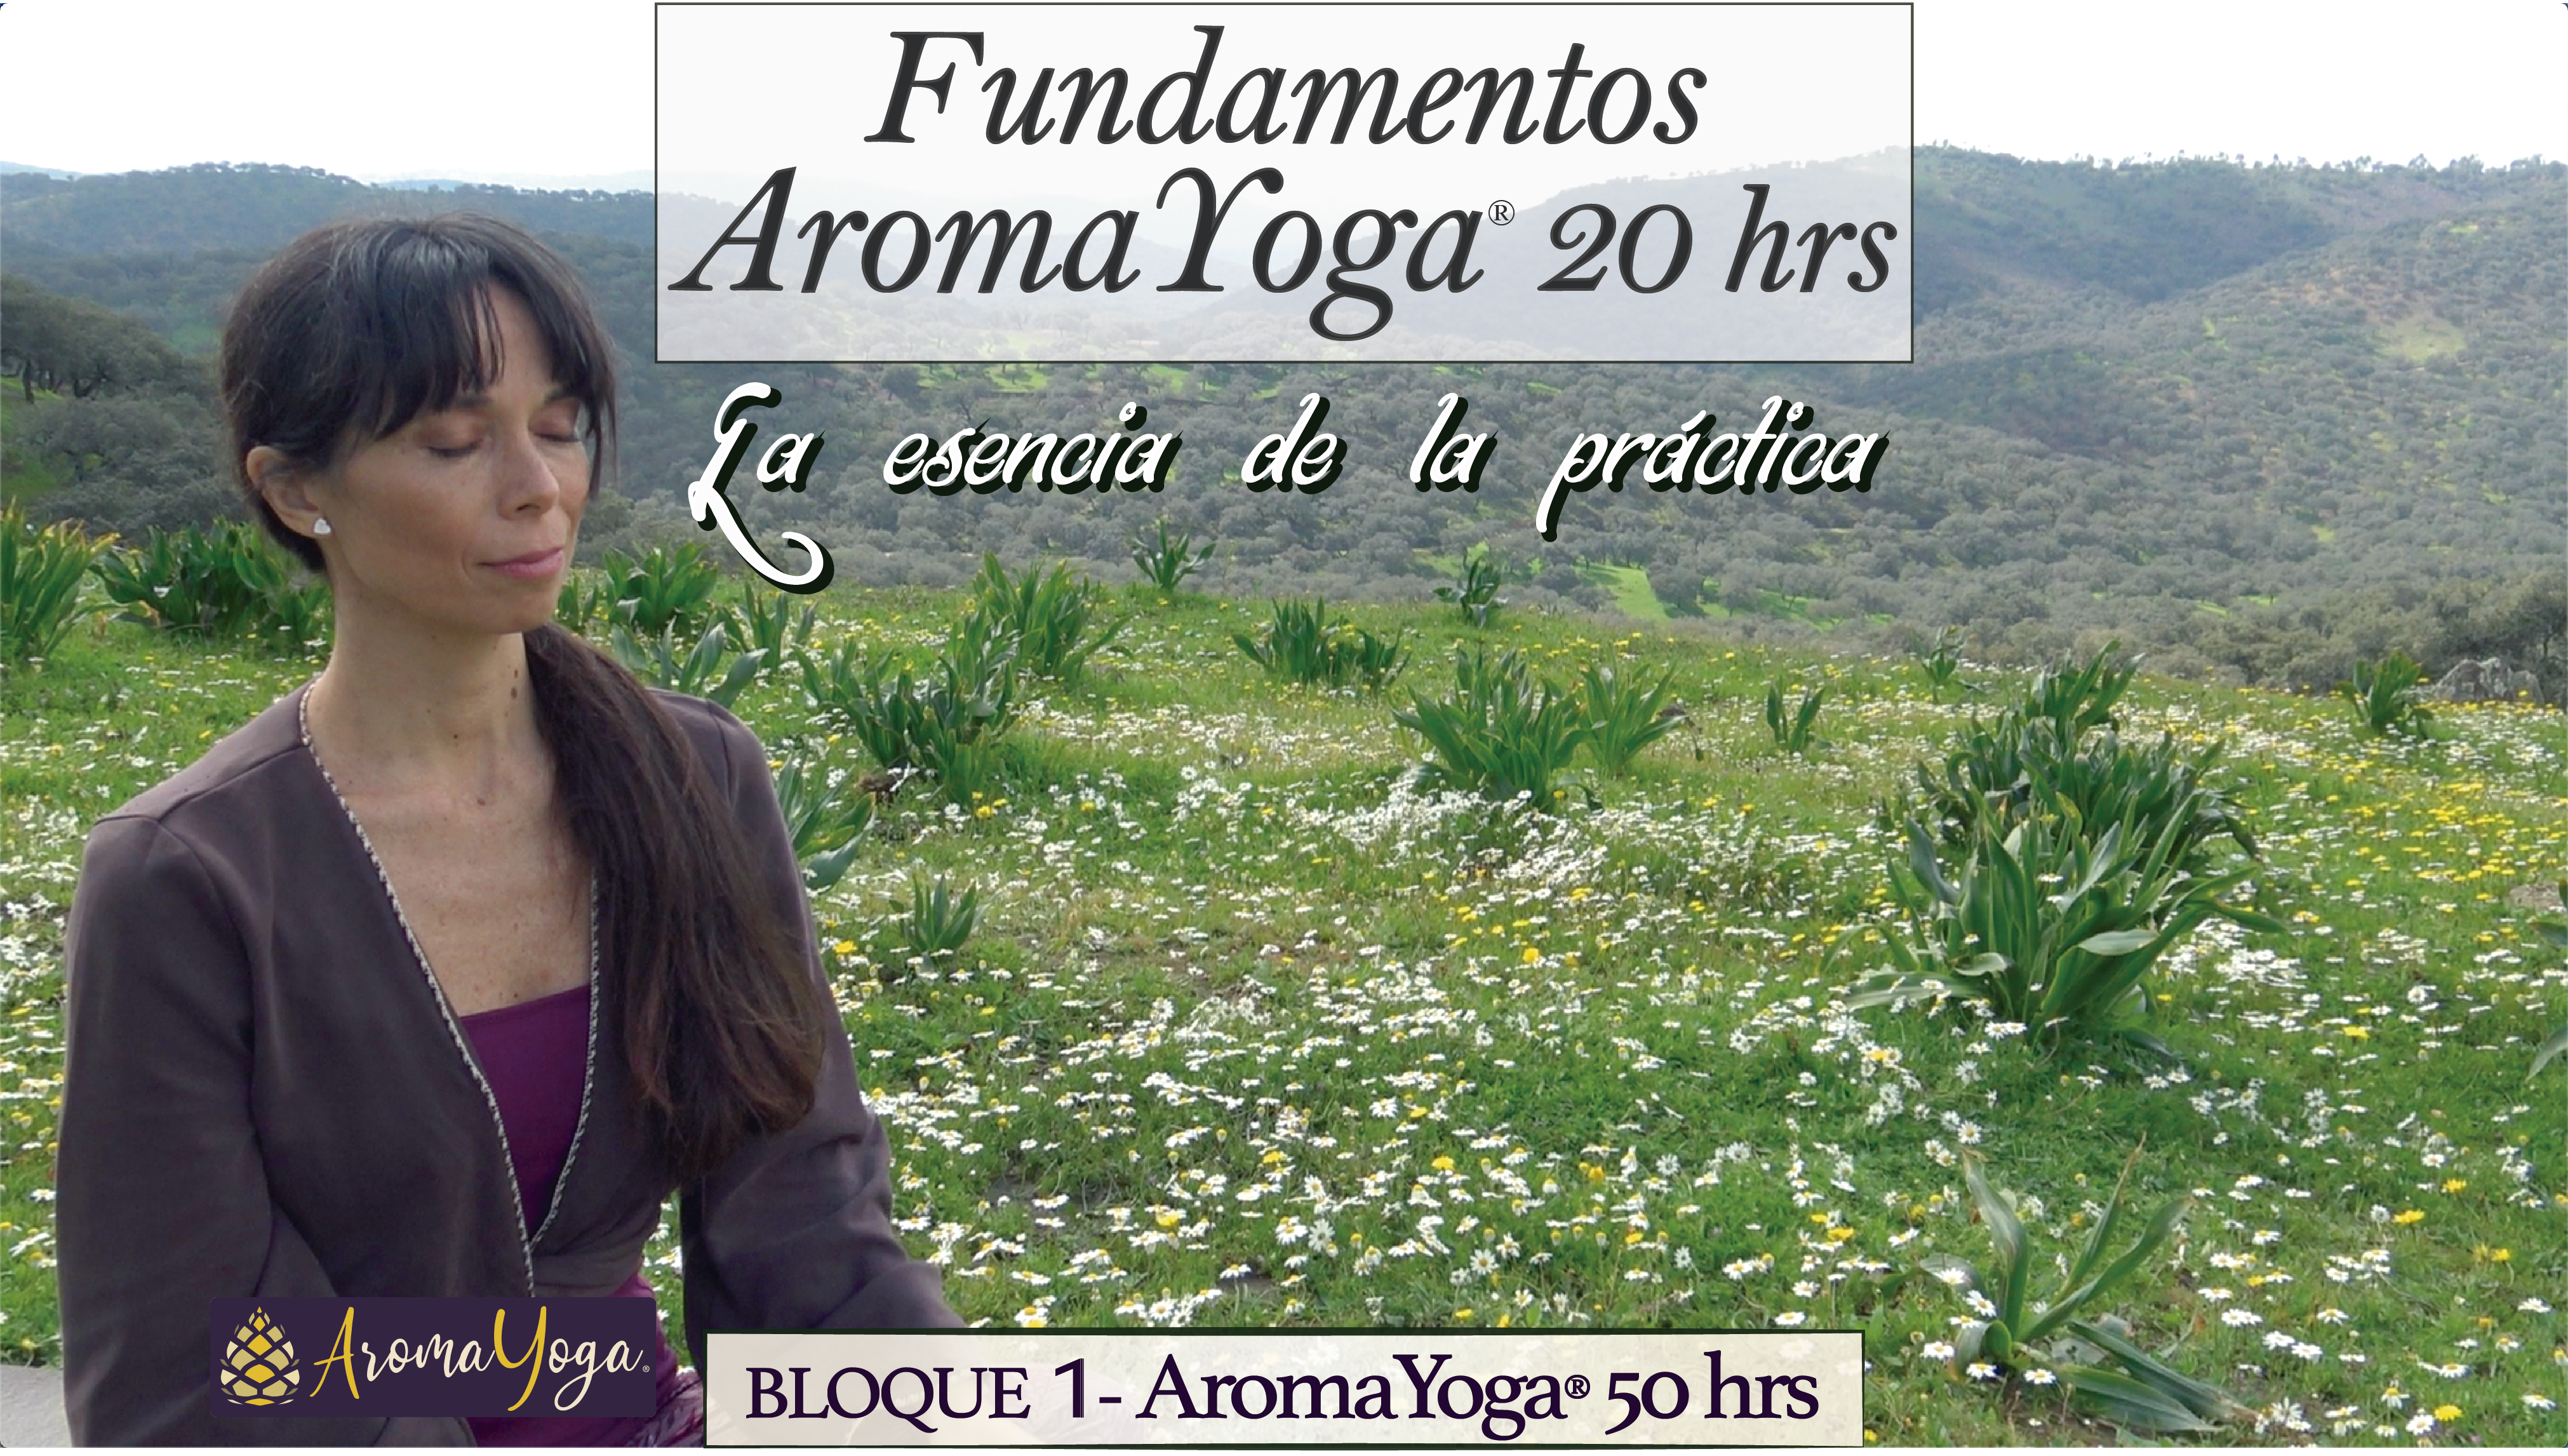 Fundamentos Aroma Yoga 20